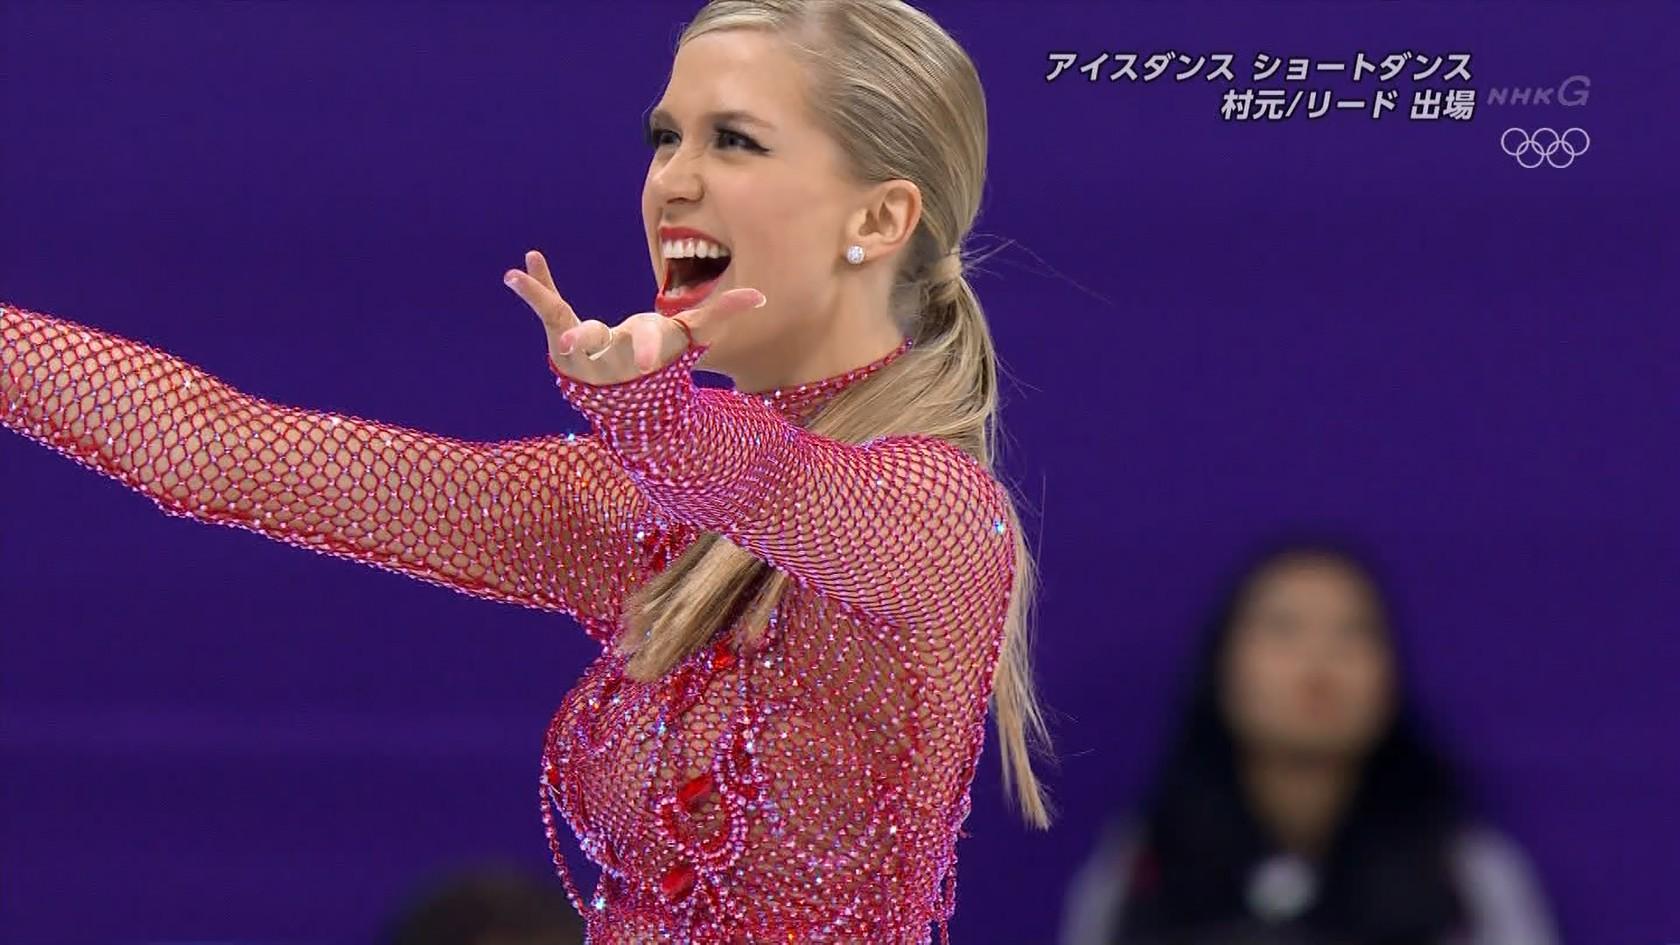 フィギュアスケート平昌オリンピックのエロおっぱい画像